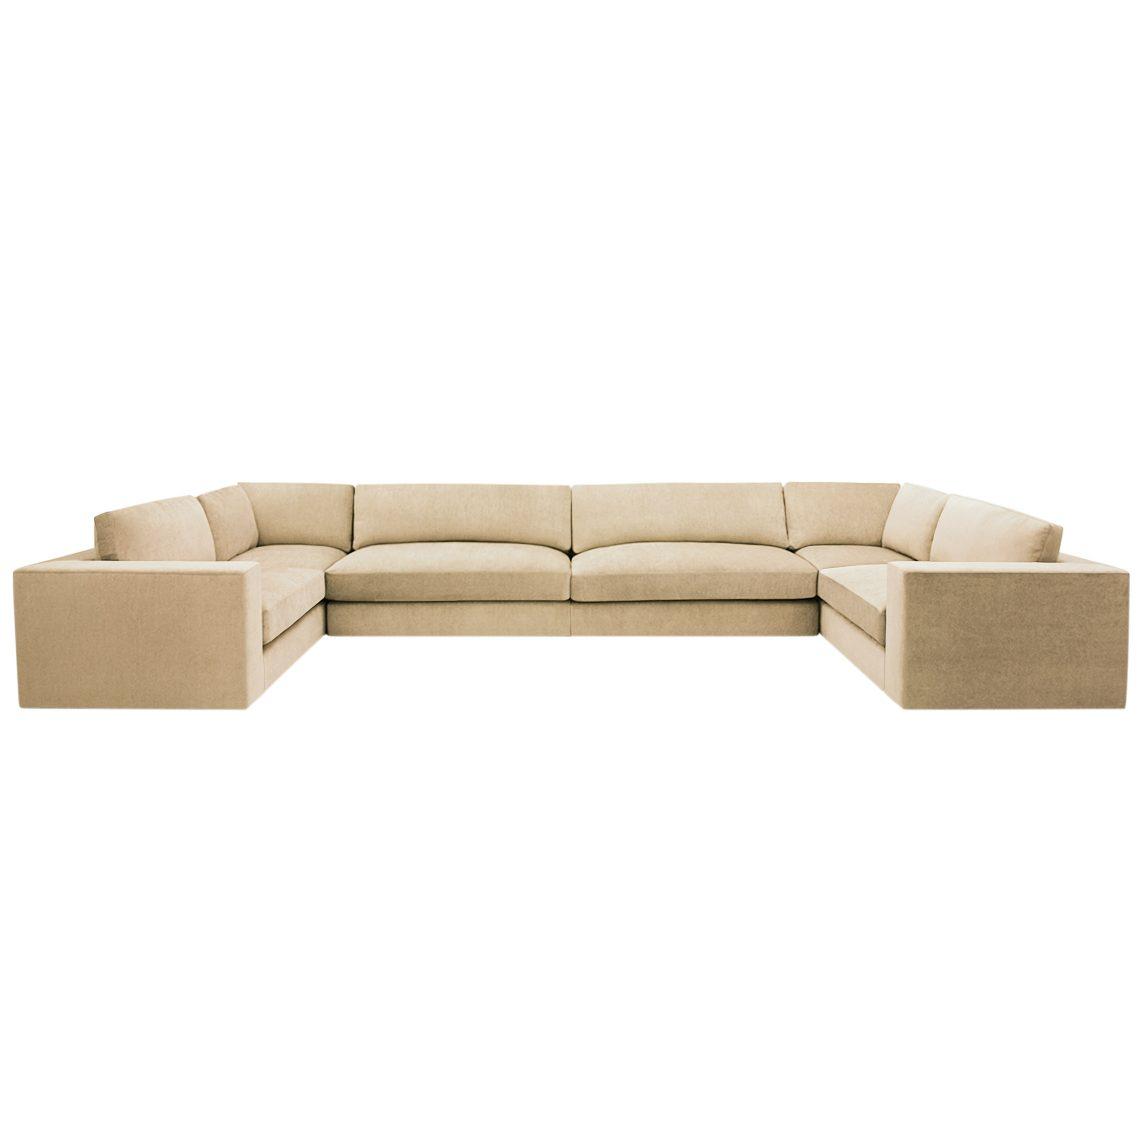 Глубокий мягкий диван Палмер в современном итальянском стиле